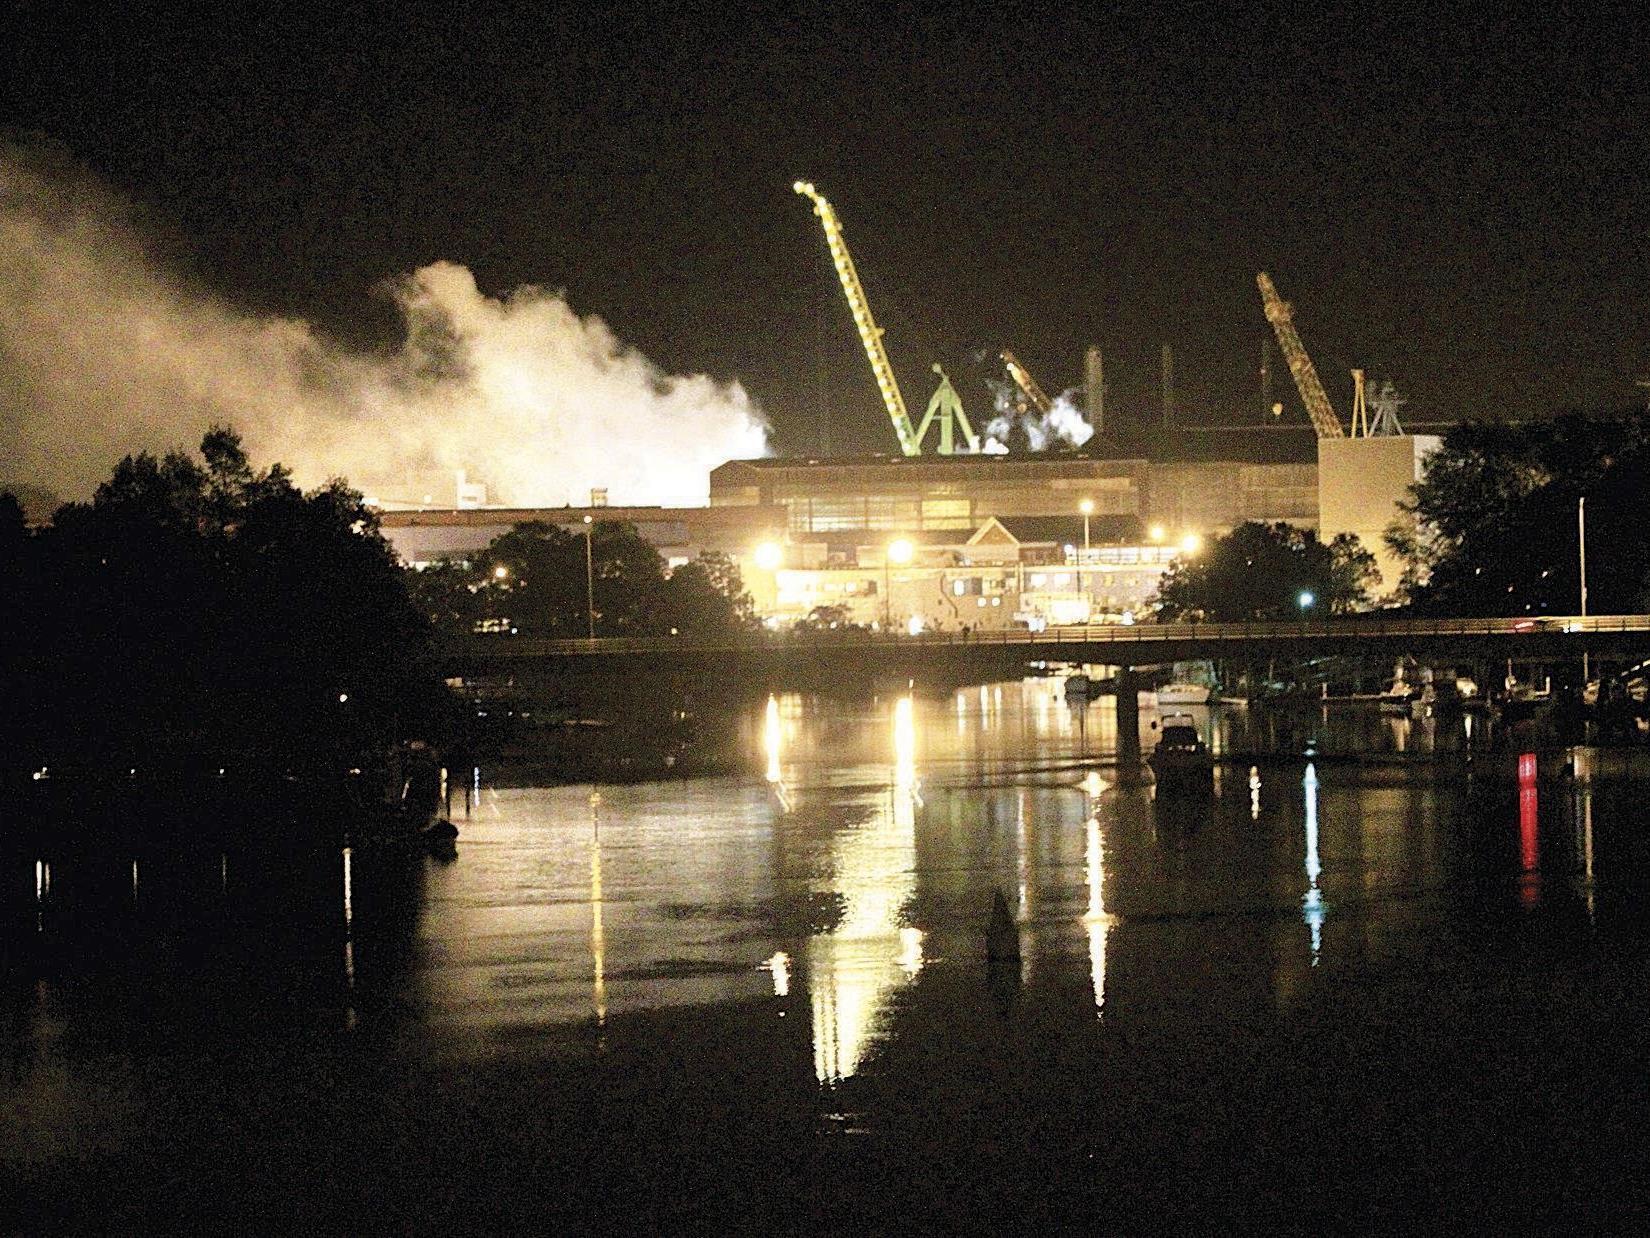 Der Atomreaktor der USS Miami SSN 755 war vom Feuer nicht betroffen. Vier Personen wurden verletzt.